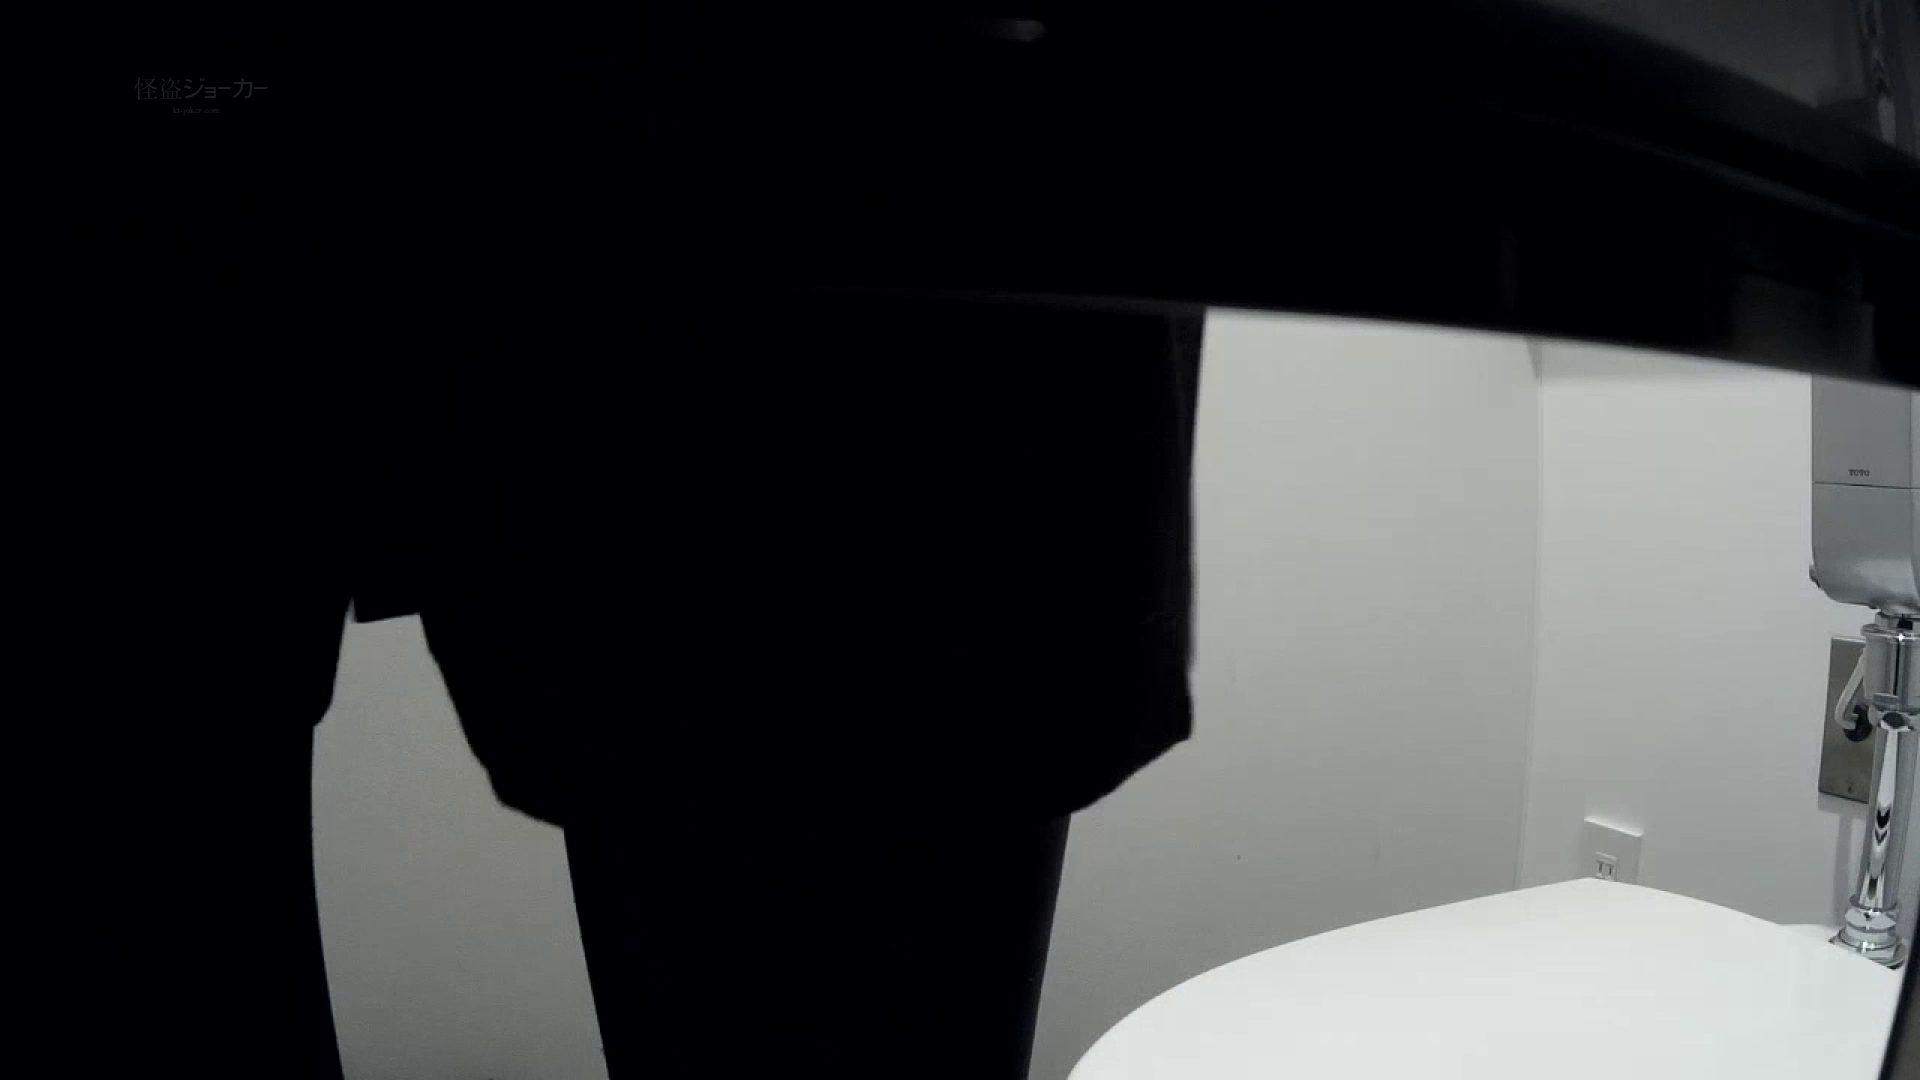 有名大学女性洗面所 vol.54 設置撮影最高峰!! 3視点でじっくり観察 OLの実態 のぞきおめこ無修正画像 97pic 68